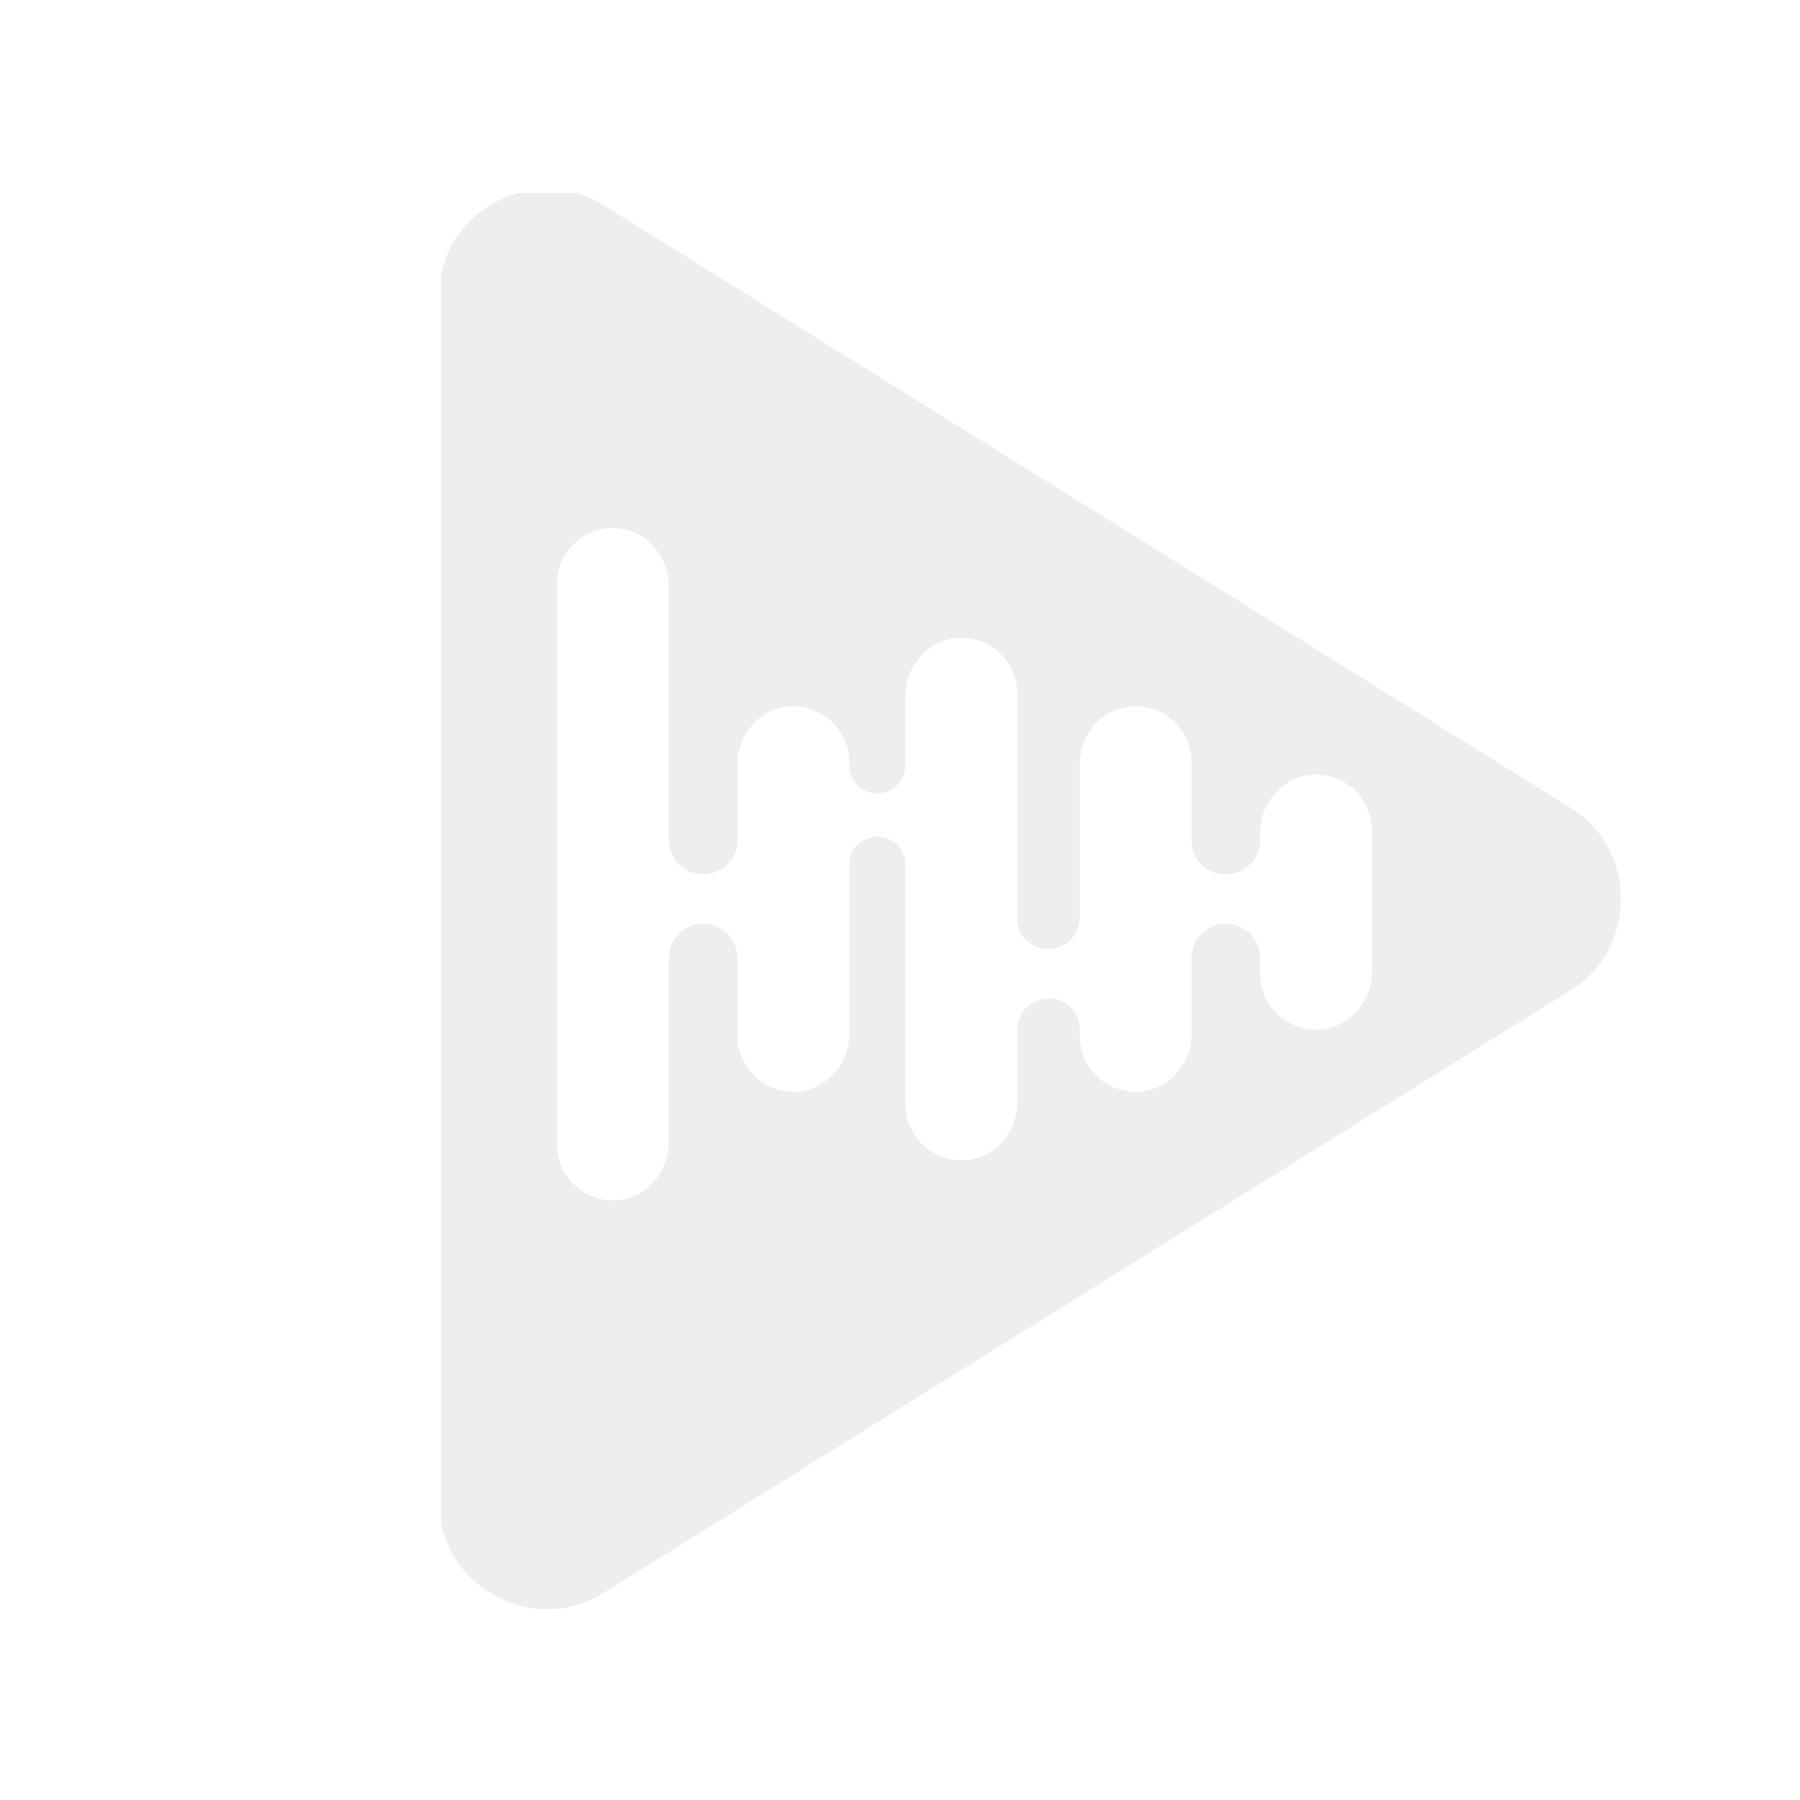 Alpine UTE-204DAB /M ANT